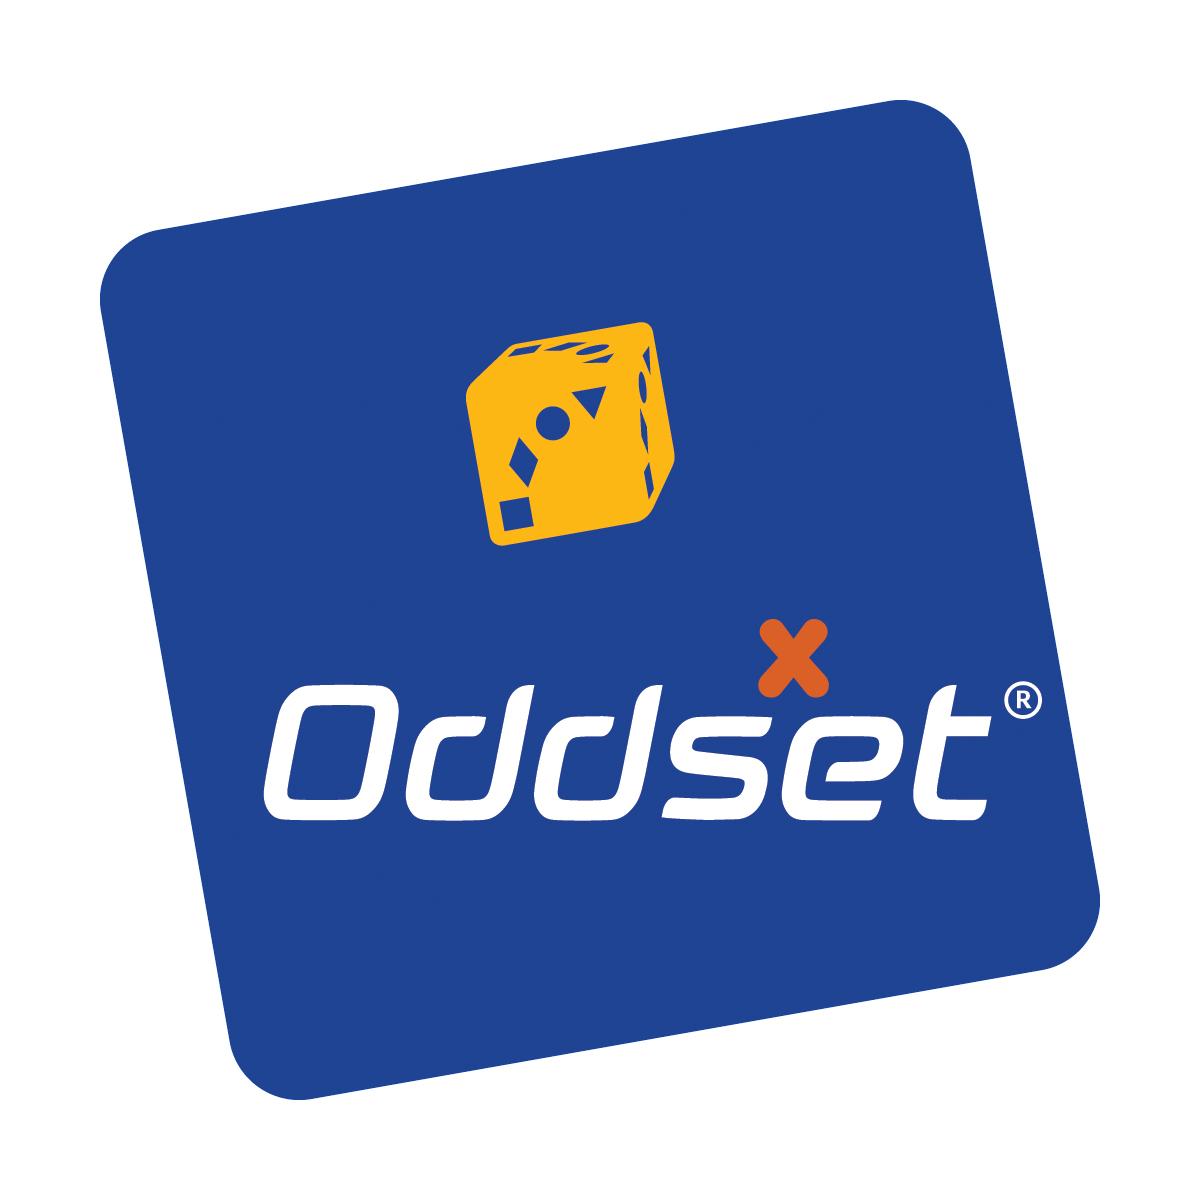 oddset_sponsor_oenserhvervsnetvaerk